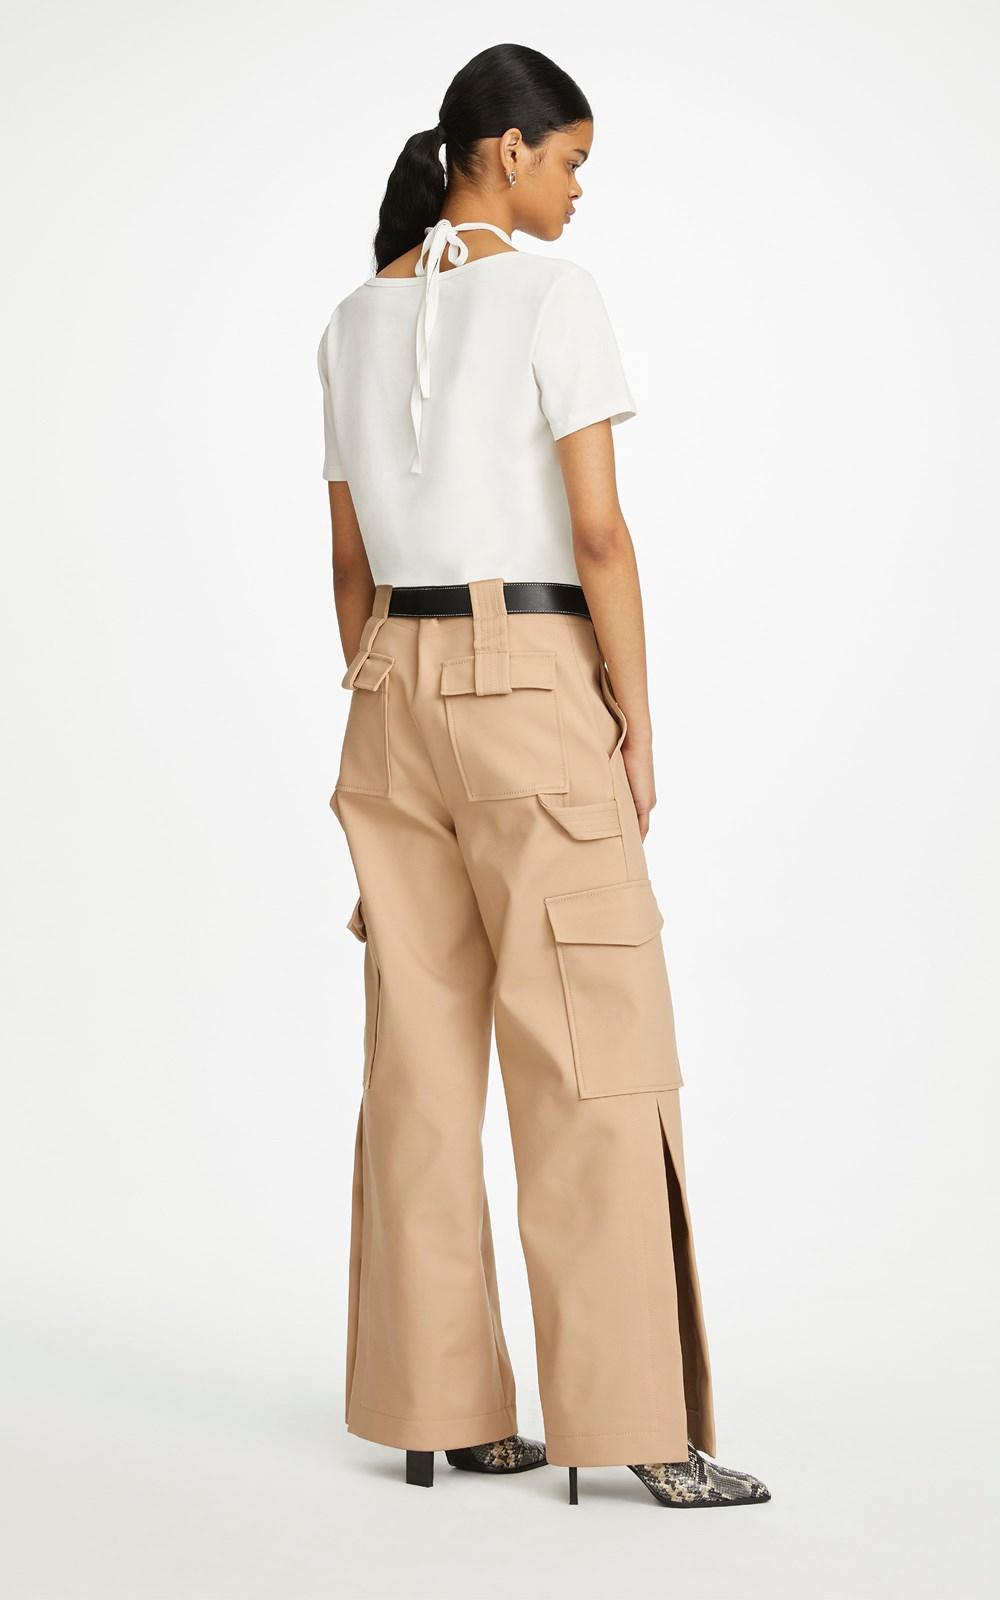 Pants | CARGO SPLIT PANT